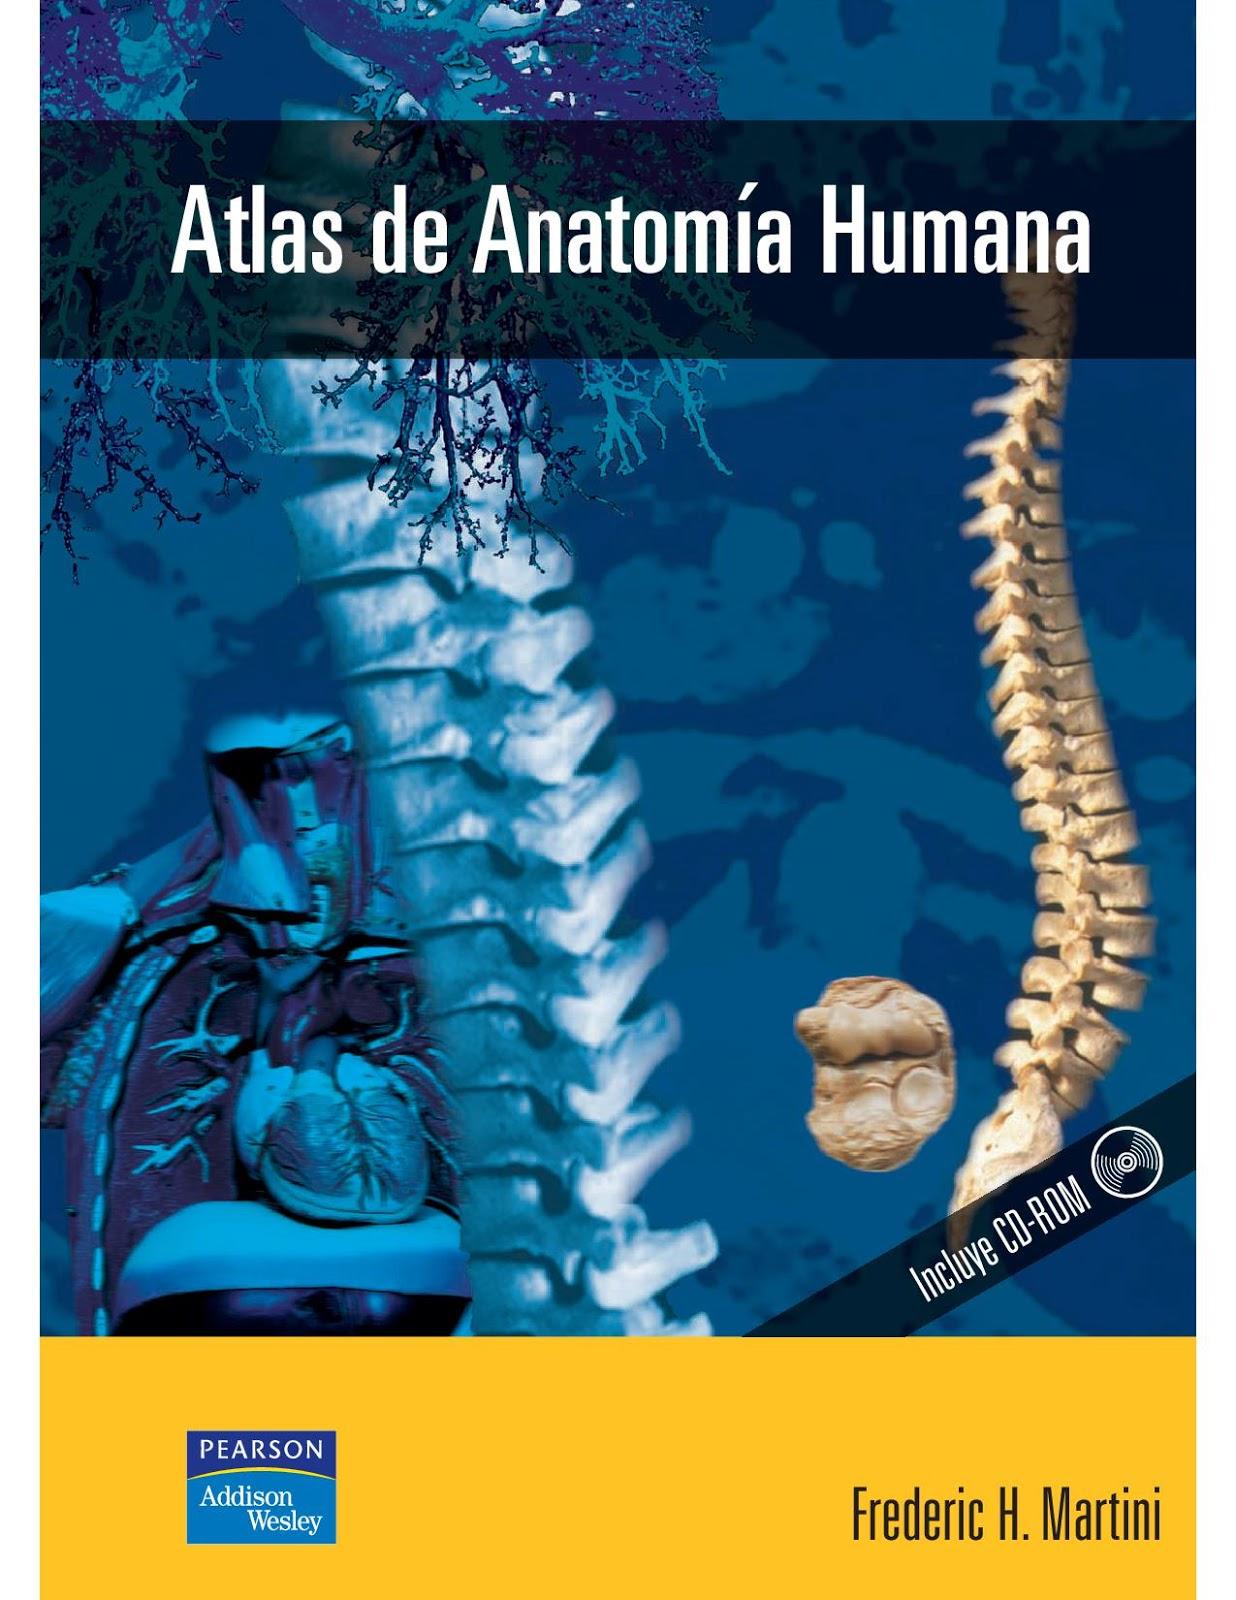 De Ciencia Interés: Atlas de Anatomía Humana - Frederic Martini ...